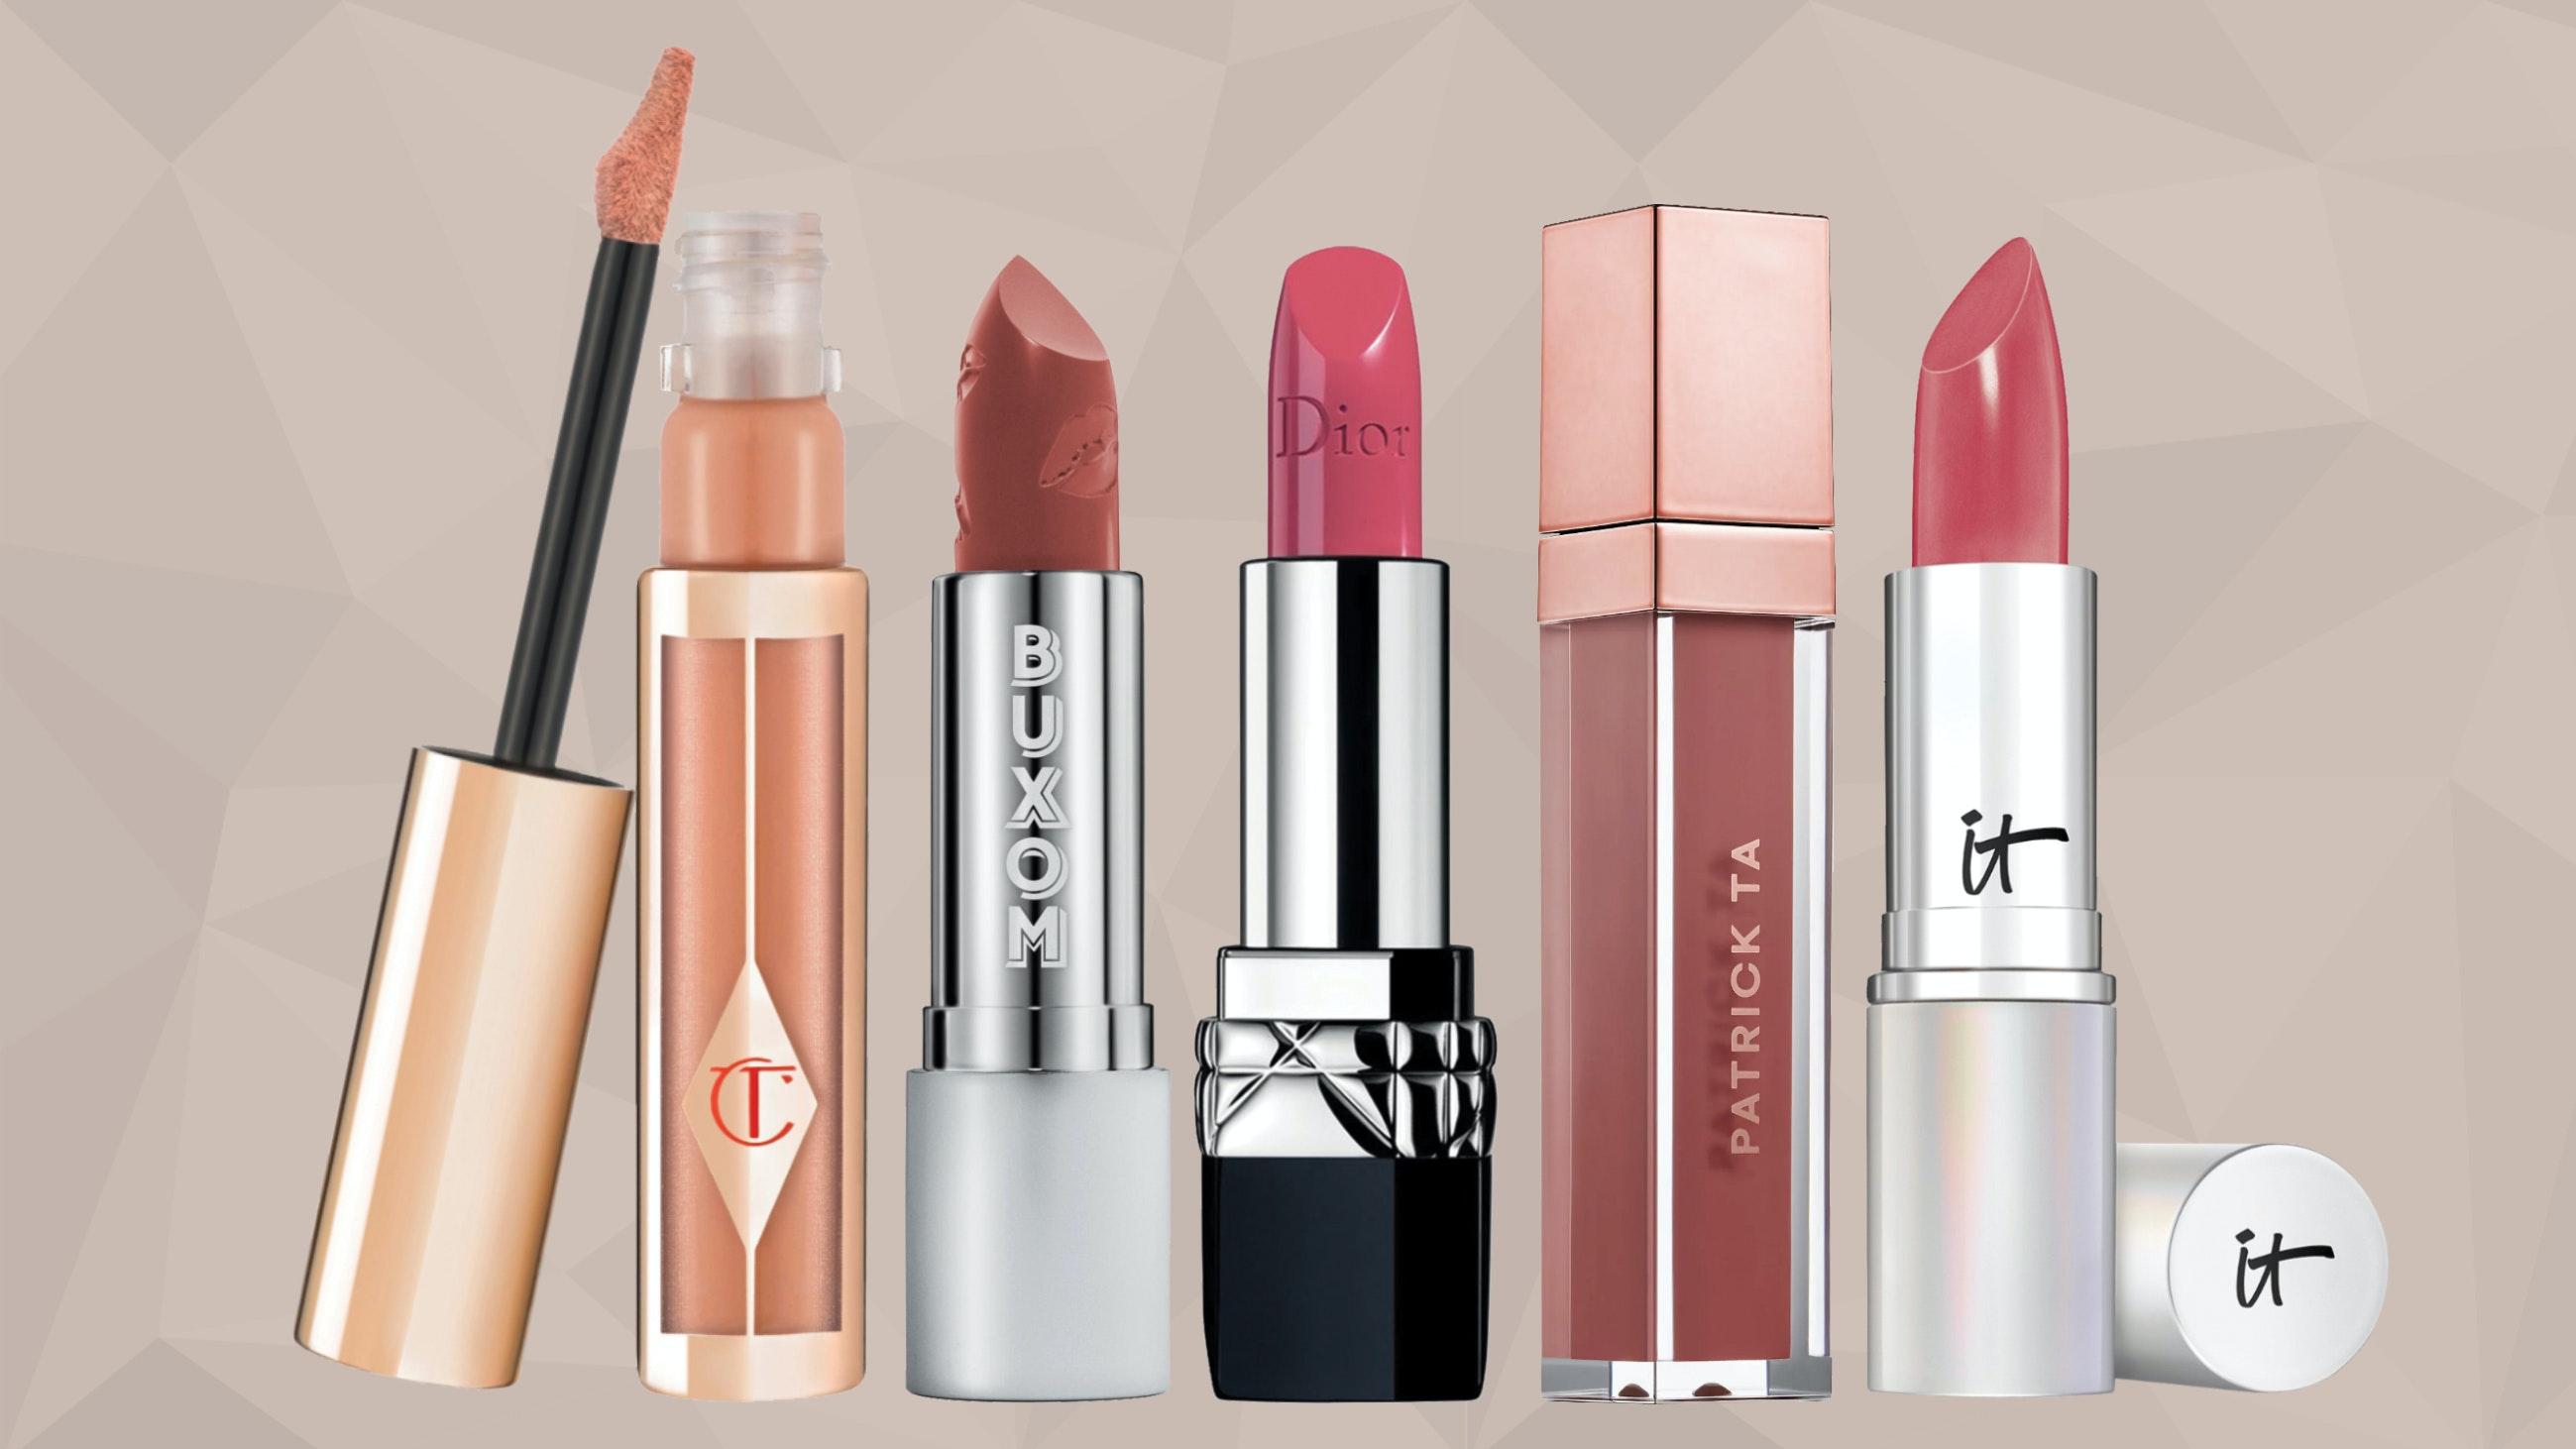 Hyaluronic Acid lipsticks